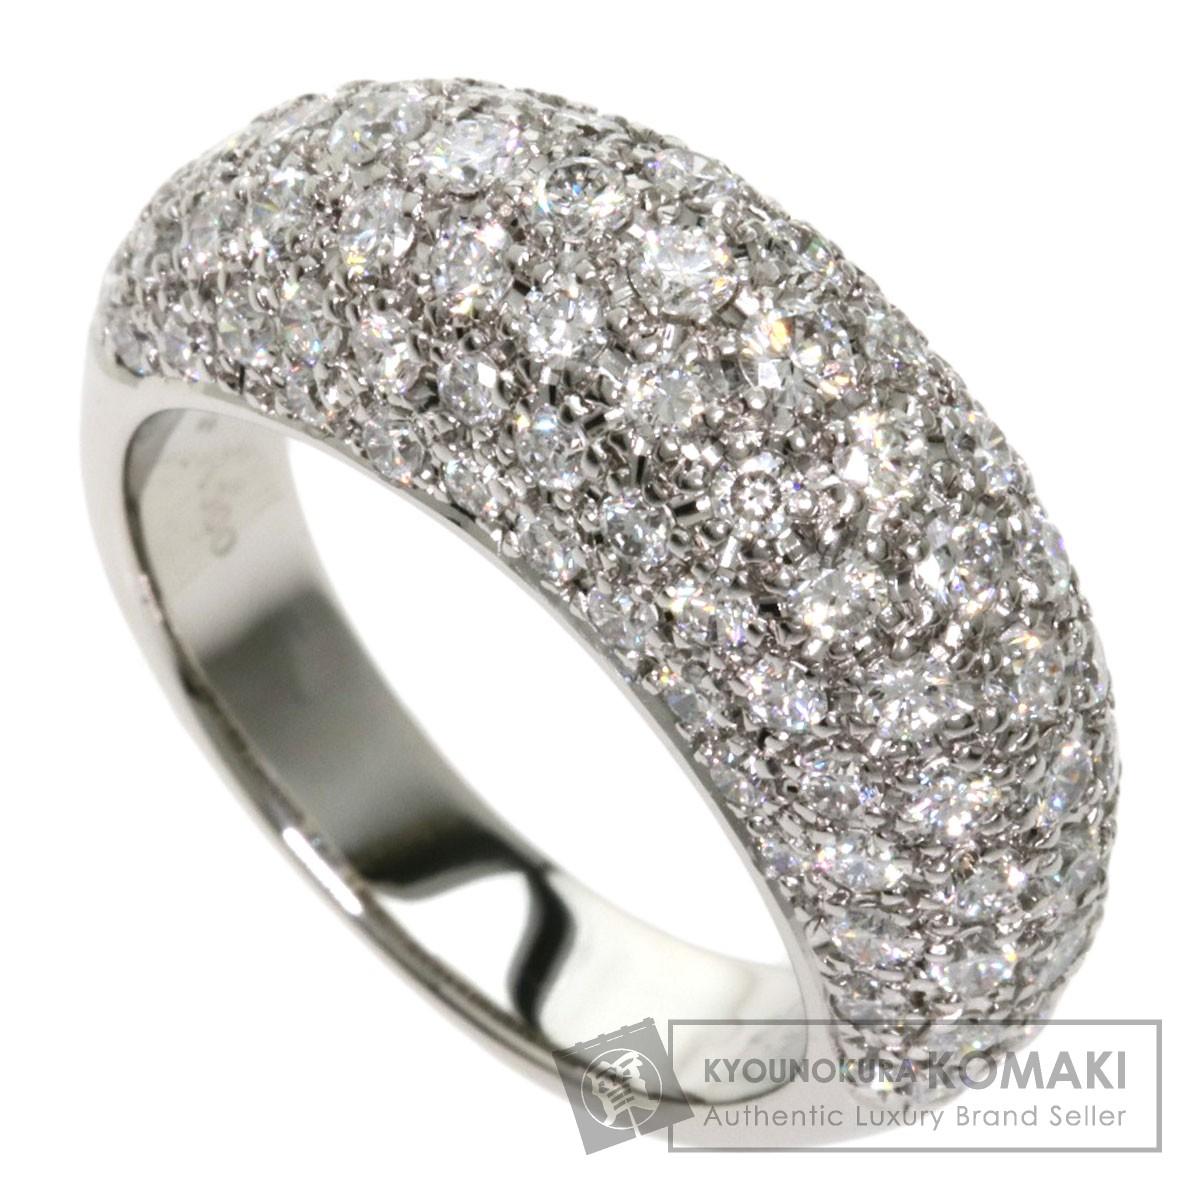 サザンクロス ダイヤモンド リング・指輪 プラチナPT900 レディース 【中古】【Southern Cross】